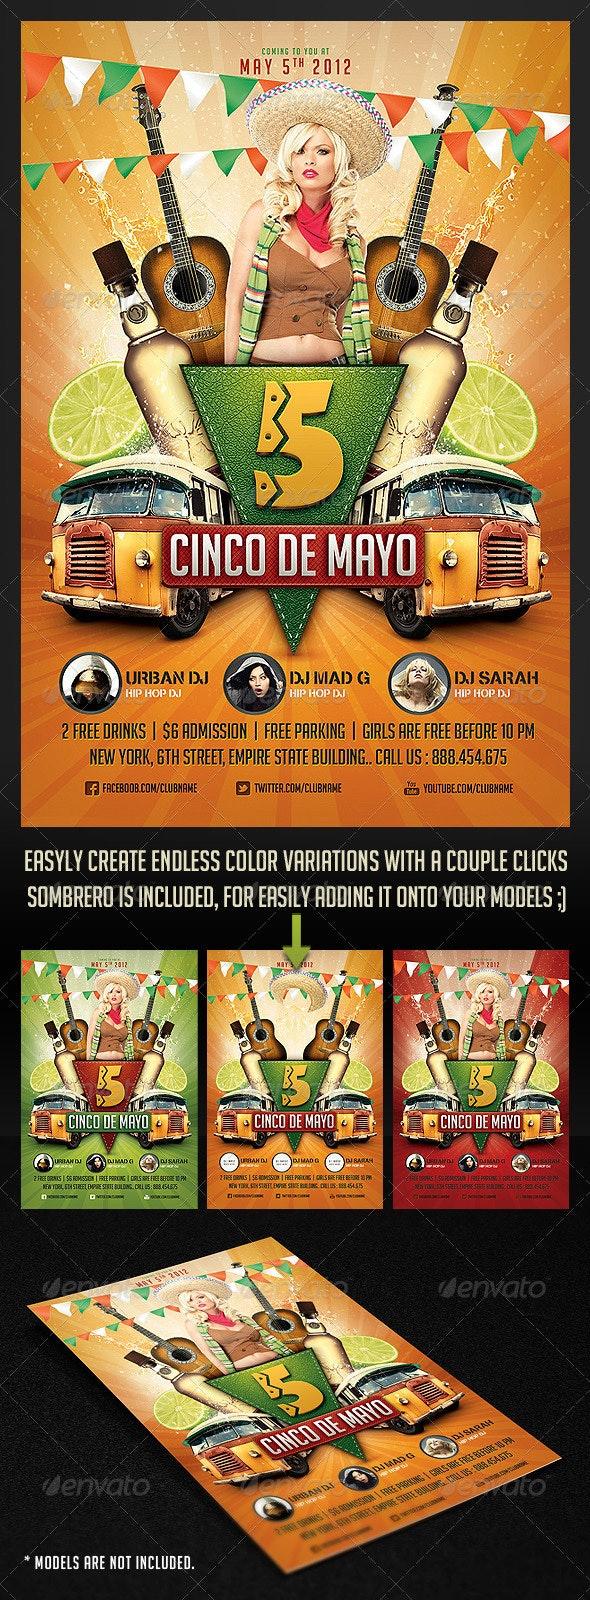 Cinco de Mayo Party Flyer 2 - Holidays Events